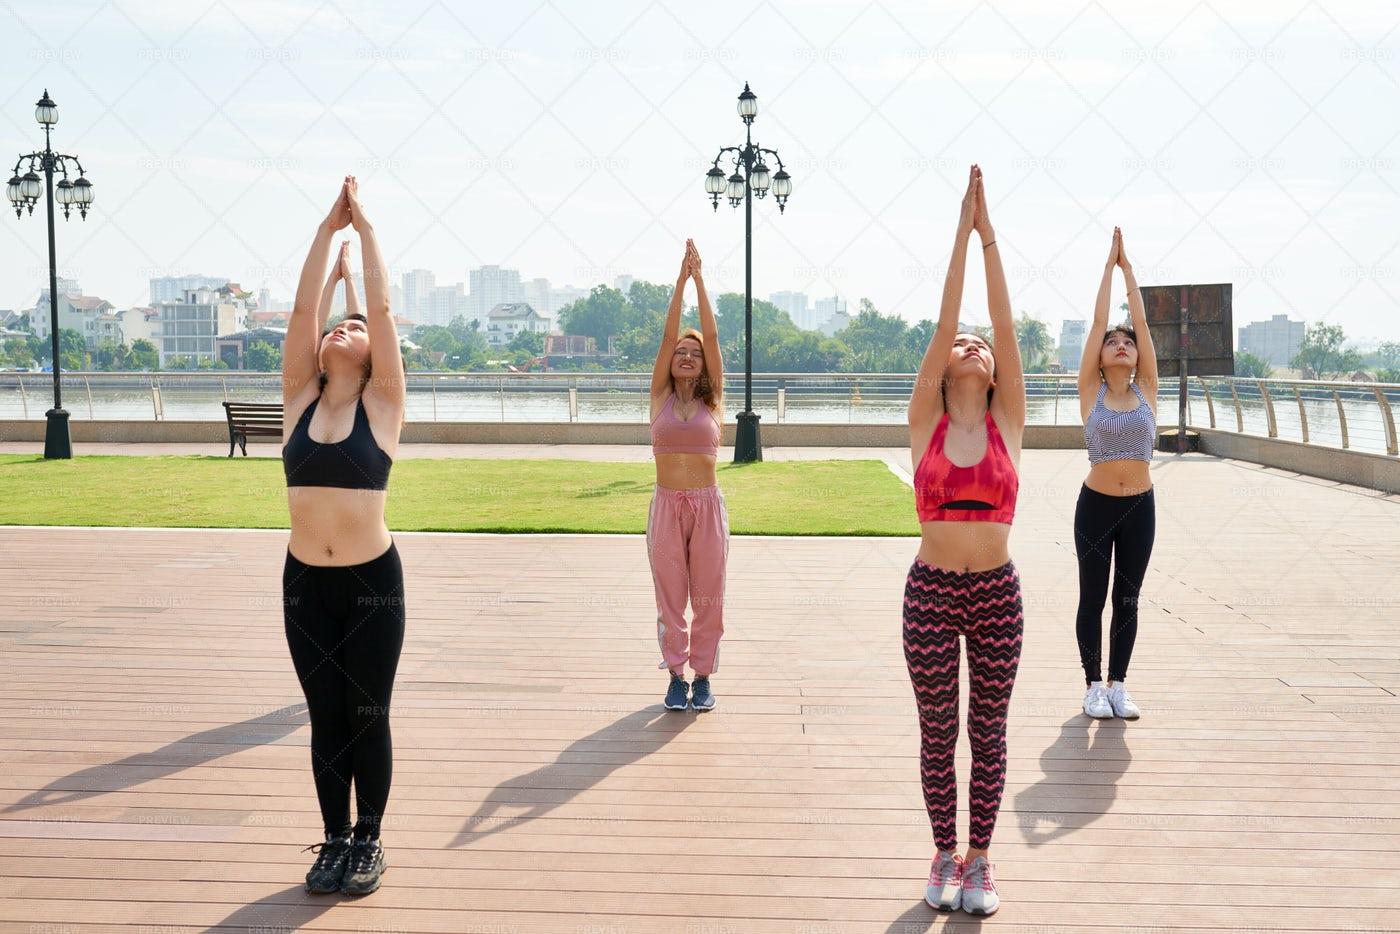 Women Exercising Outdoors: Stock Photos